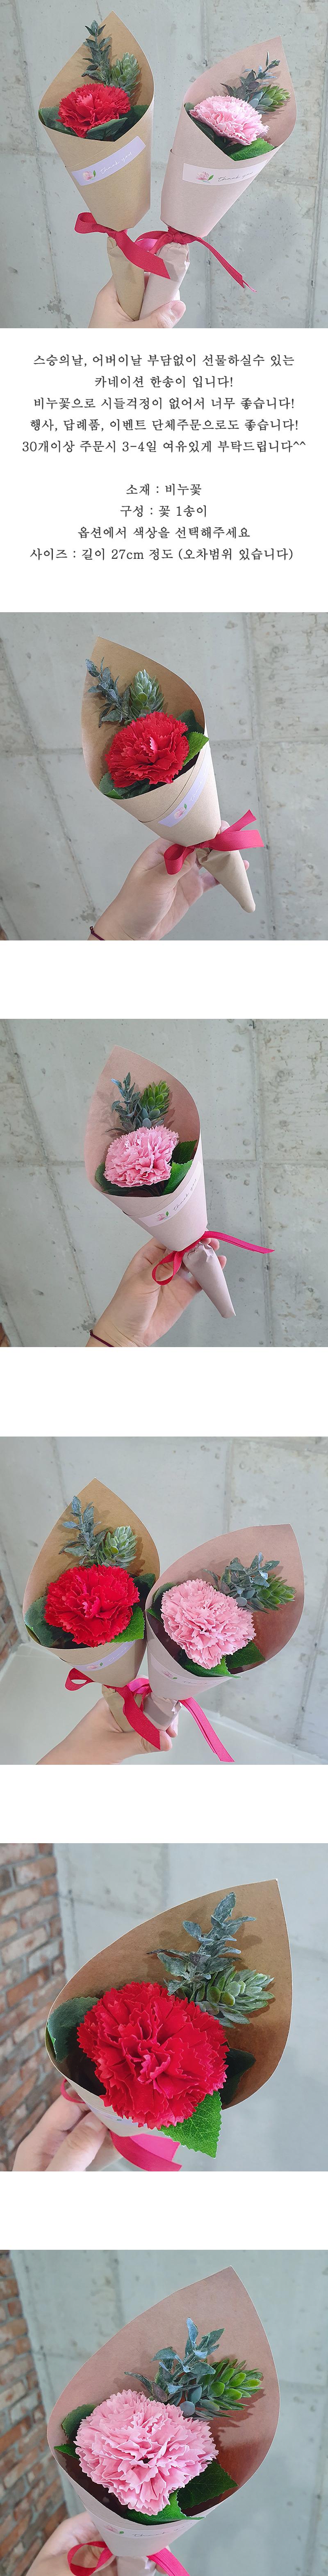 비누꽃 카네이션 한송이 뉴버전 - 바나나스푼_플라워, 3,500원, 조화, 카네이션(조화)